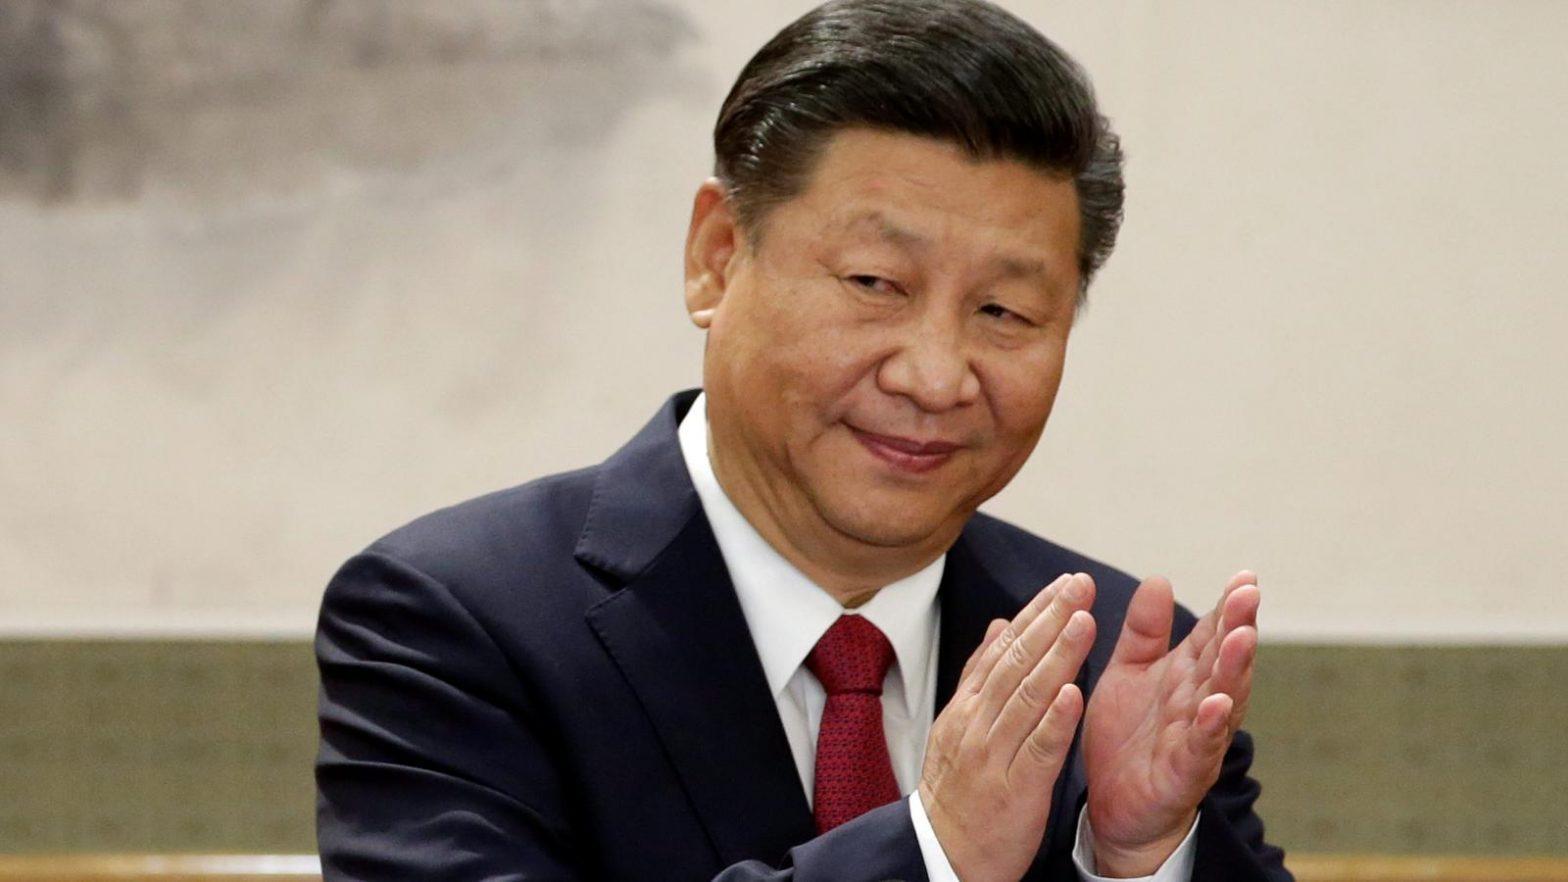 China begins construction of world's 1st commercial small modular reactor | चीनने जगातील पहिली व्यावसायिक लघु मॉड्यूलर अणुभट्टी बांधण्यास सुरूवात केली_40.1